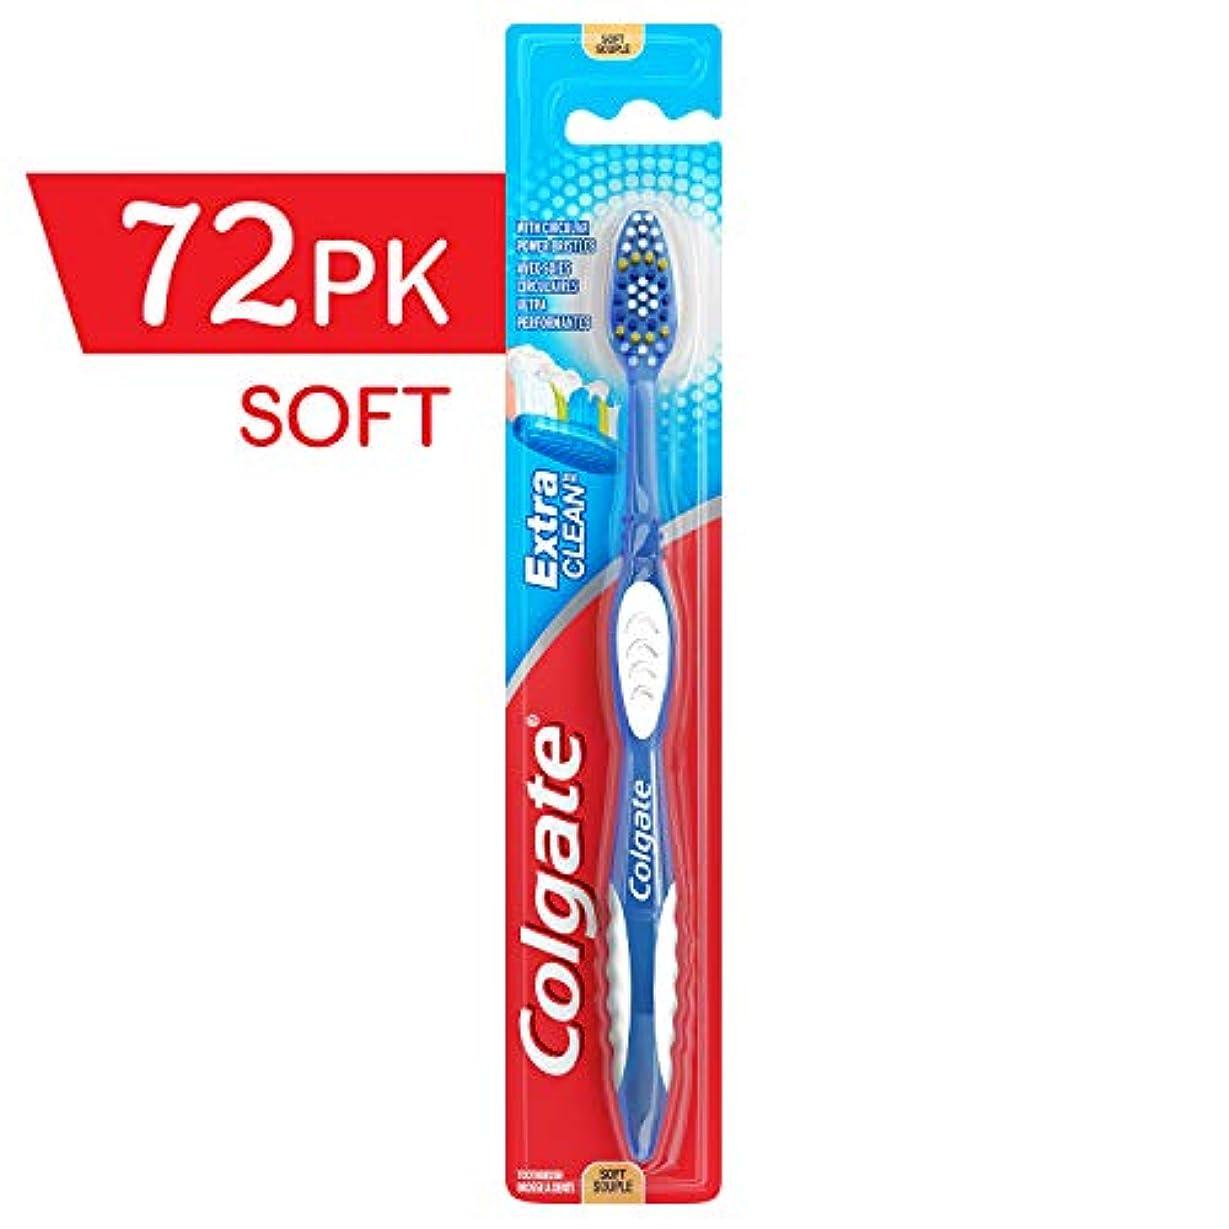 落ち込んでいる曲げる徐々にColgate エクストラクリーン歯ブラシソフト、柔らかい歯ブラシ、バルク歯ブラシ、旅行歯ブラシ、(72の場合)(モデル番号:155676)